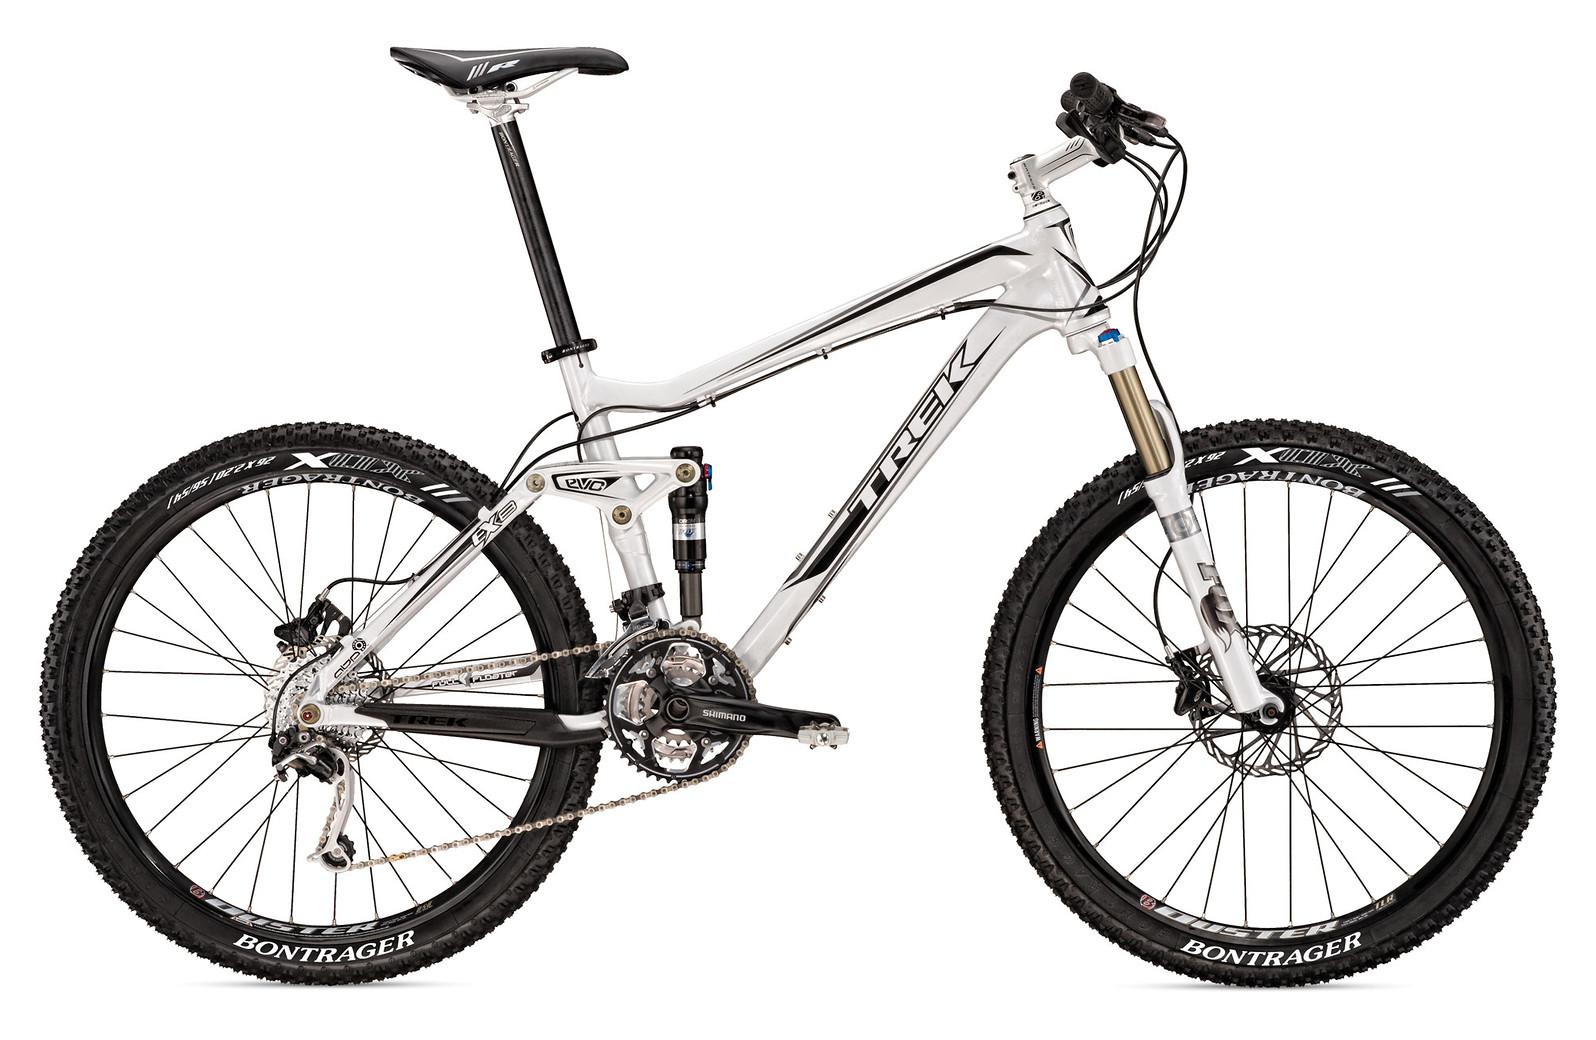 2010 trek ex 8 bike